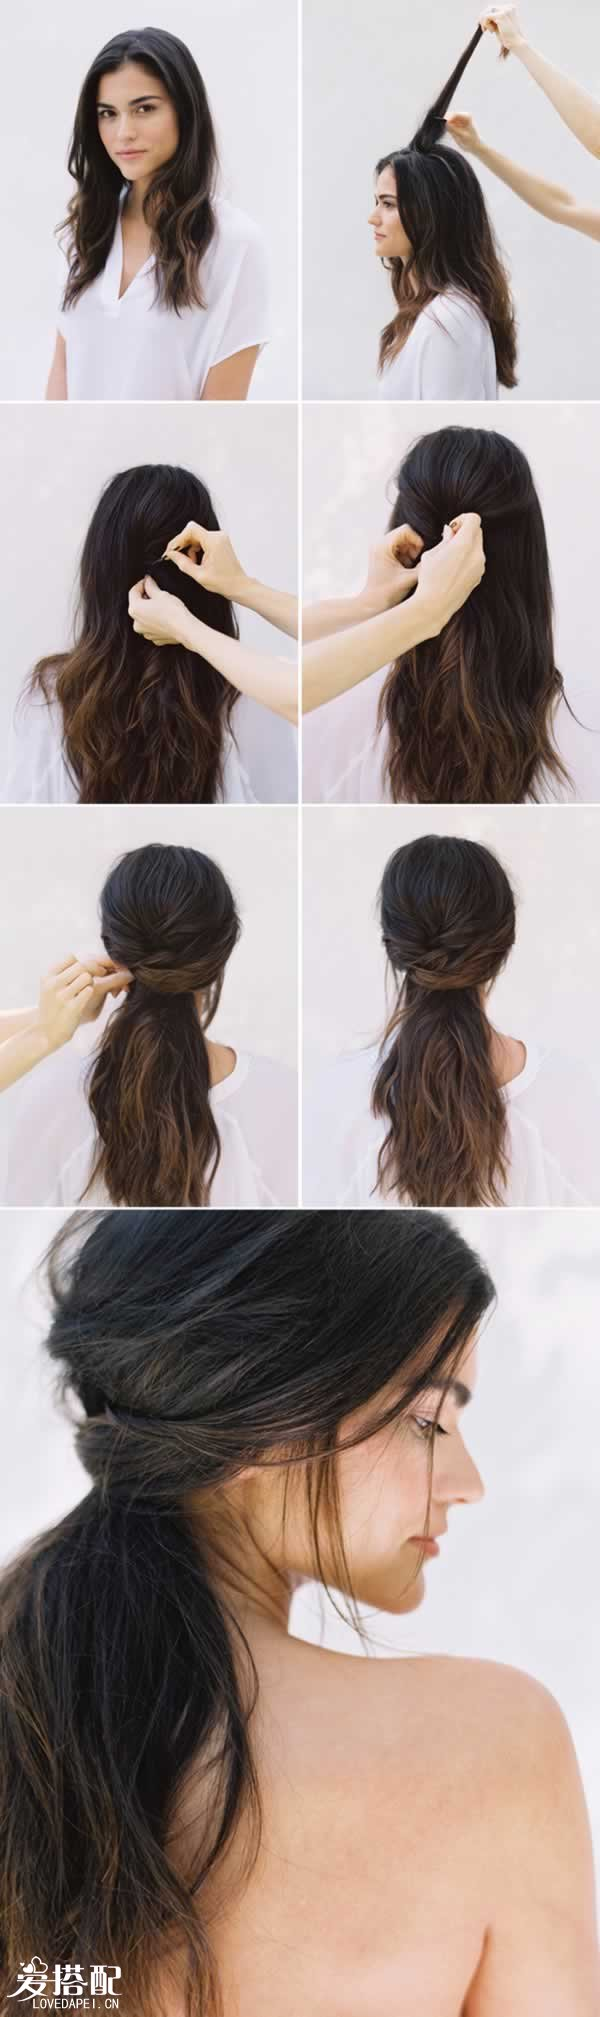 半挽lob发型 编发图解